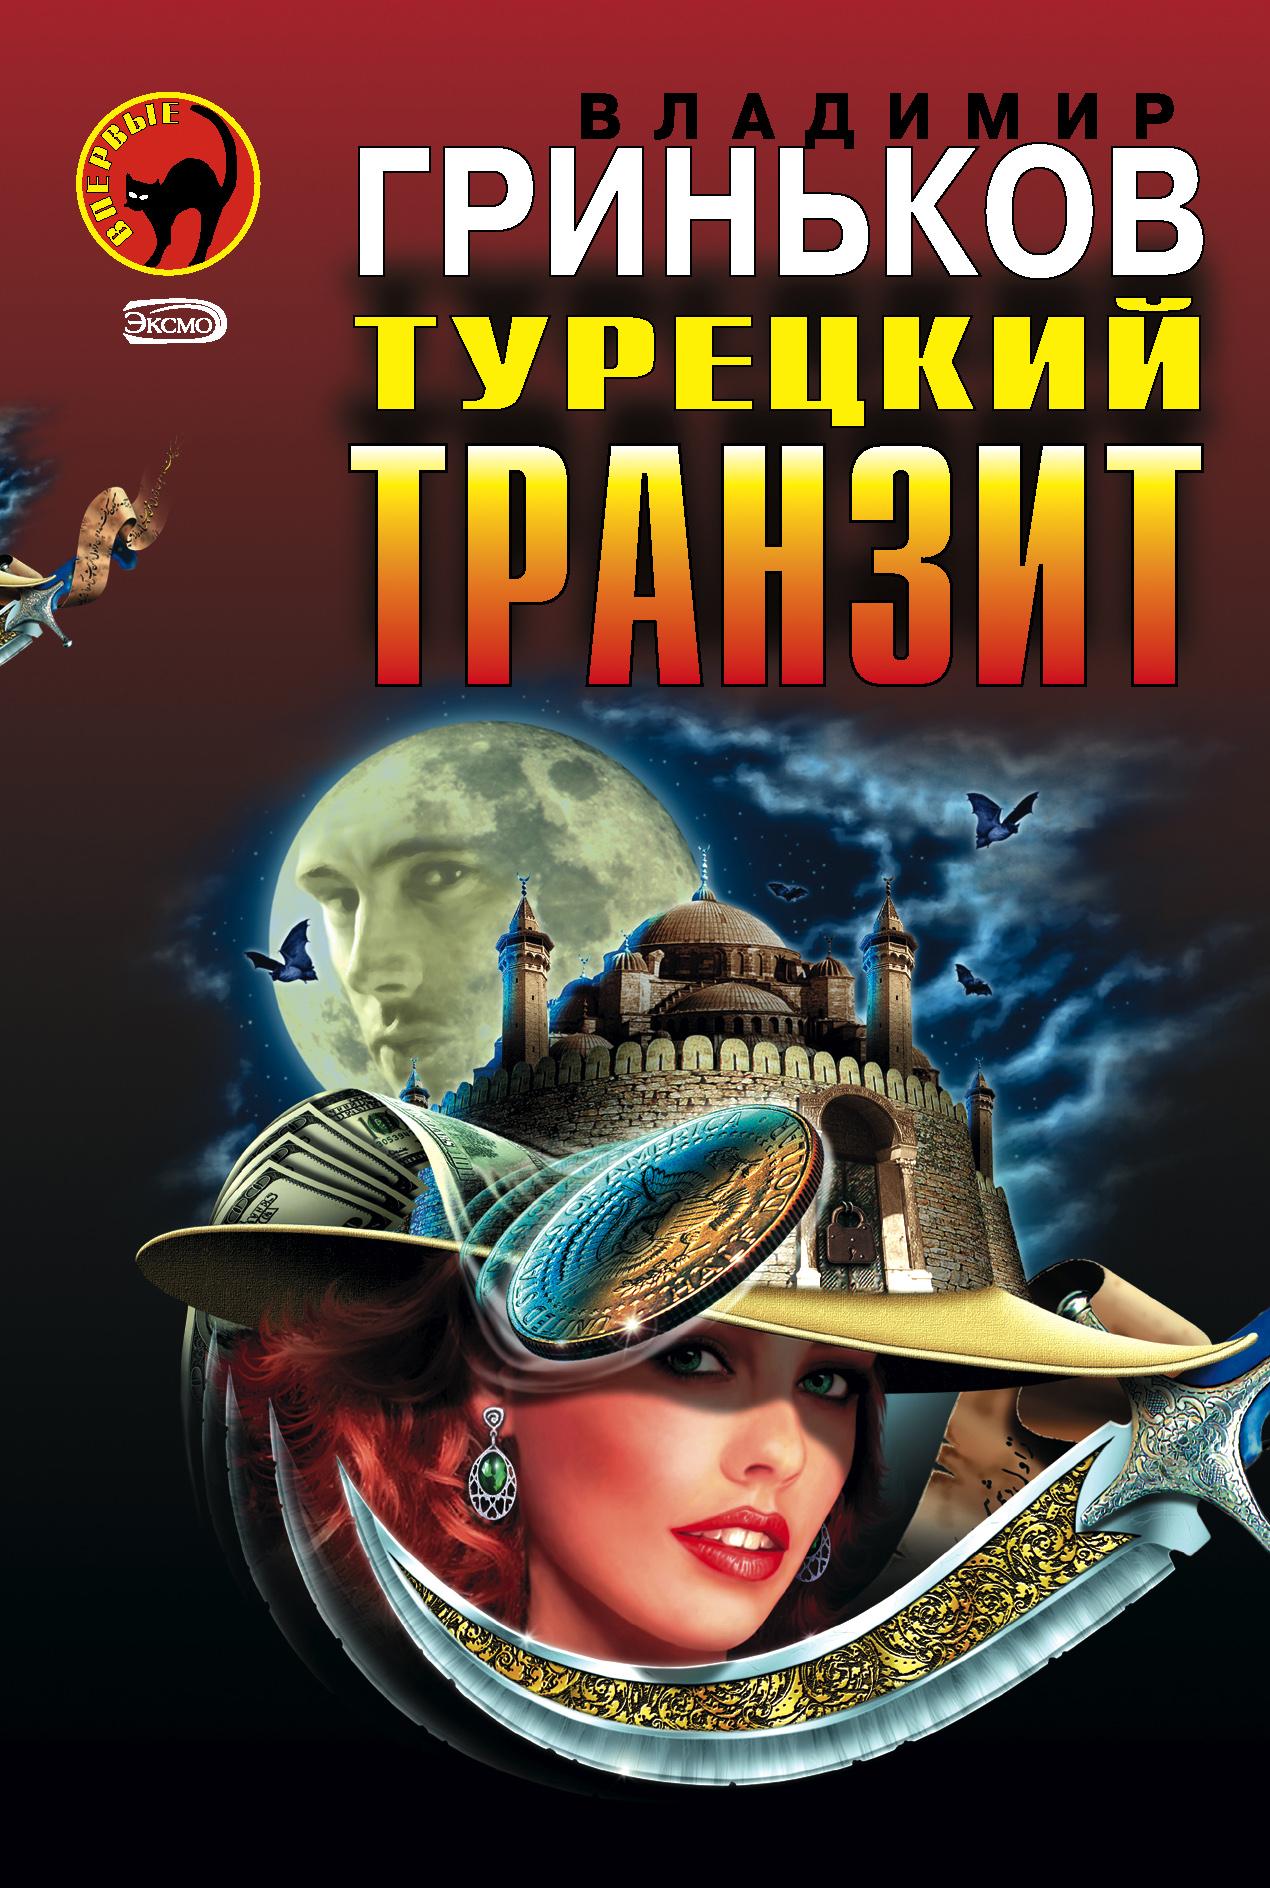 Книга Турецкий транзит